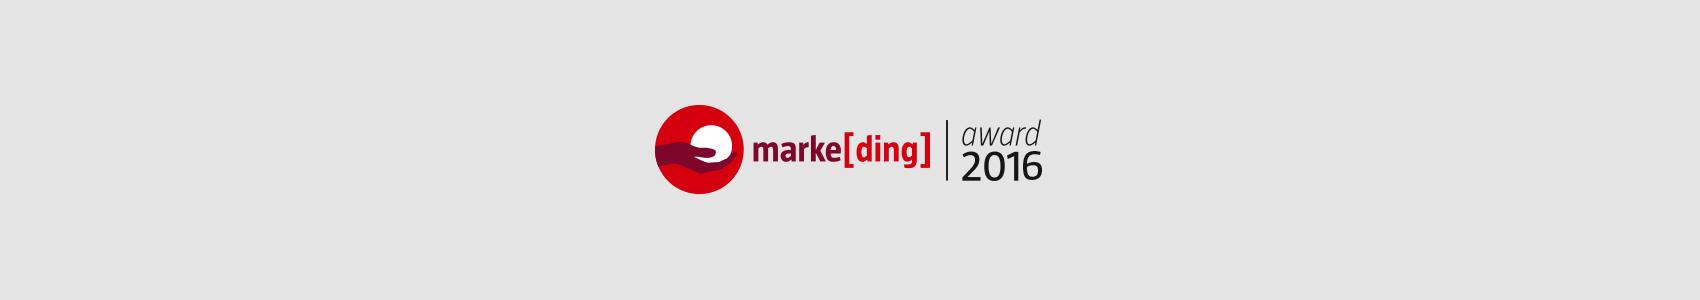 Slider_Awards_markeding-2017_nm